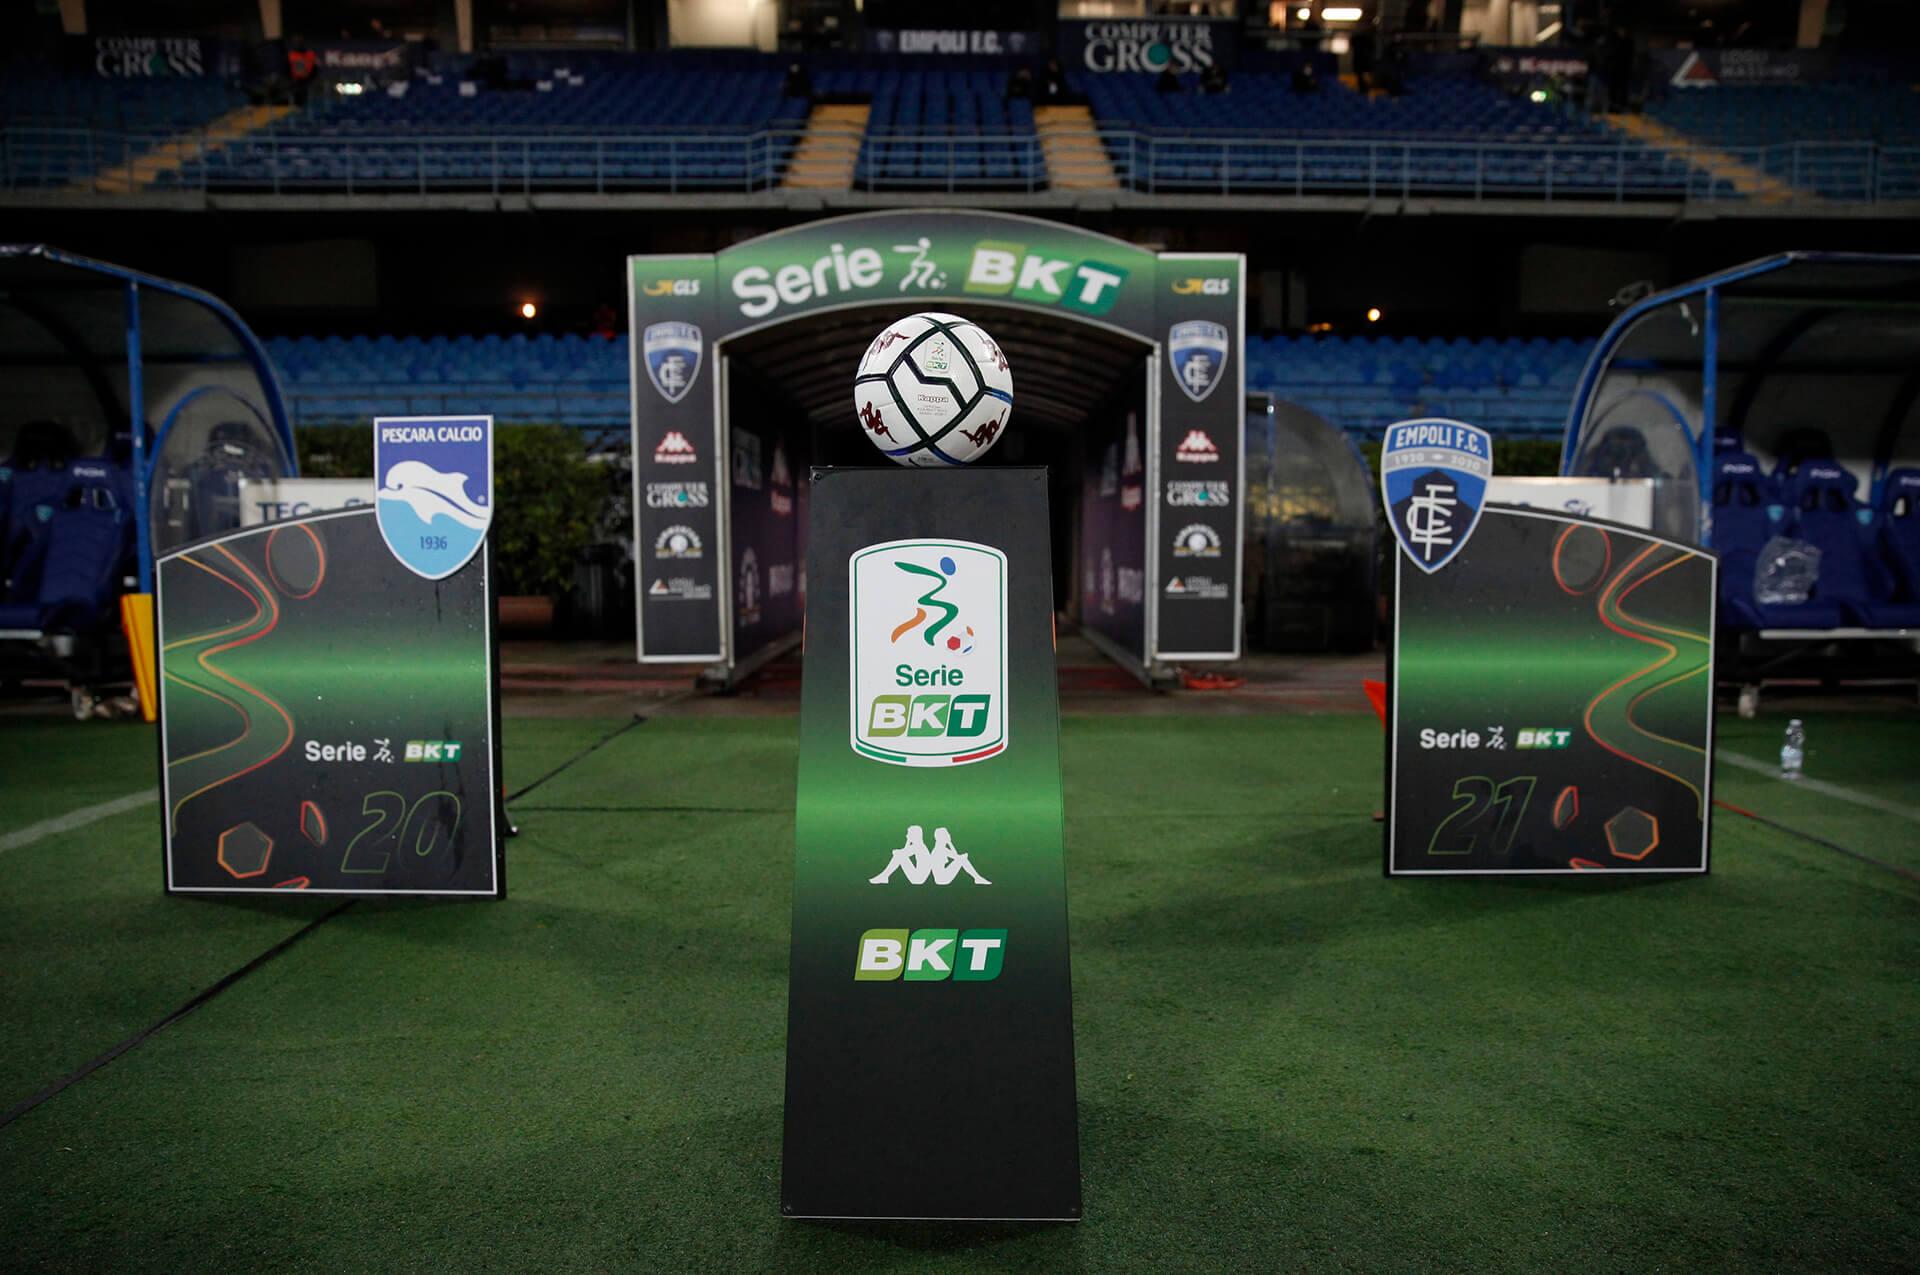 Lega Calcio Serie B - Italia